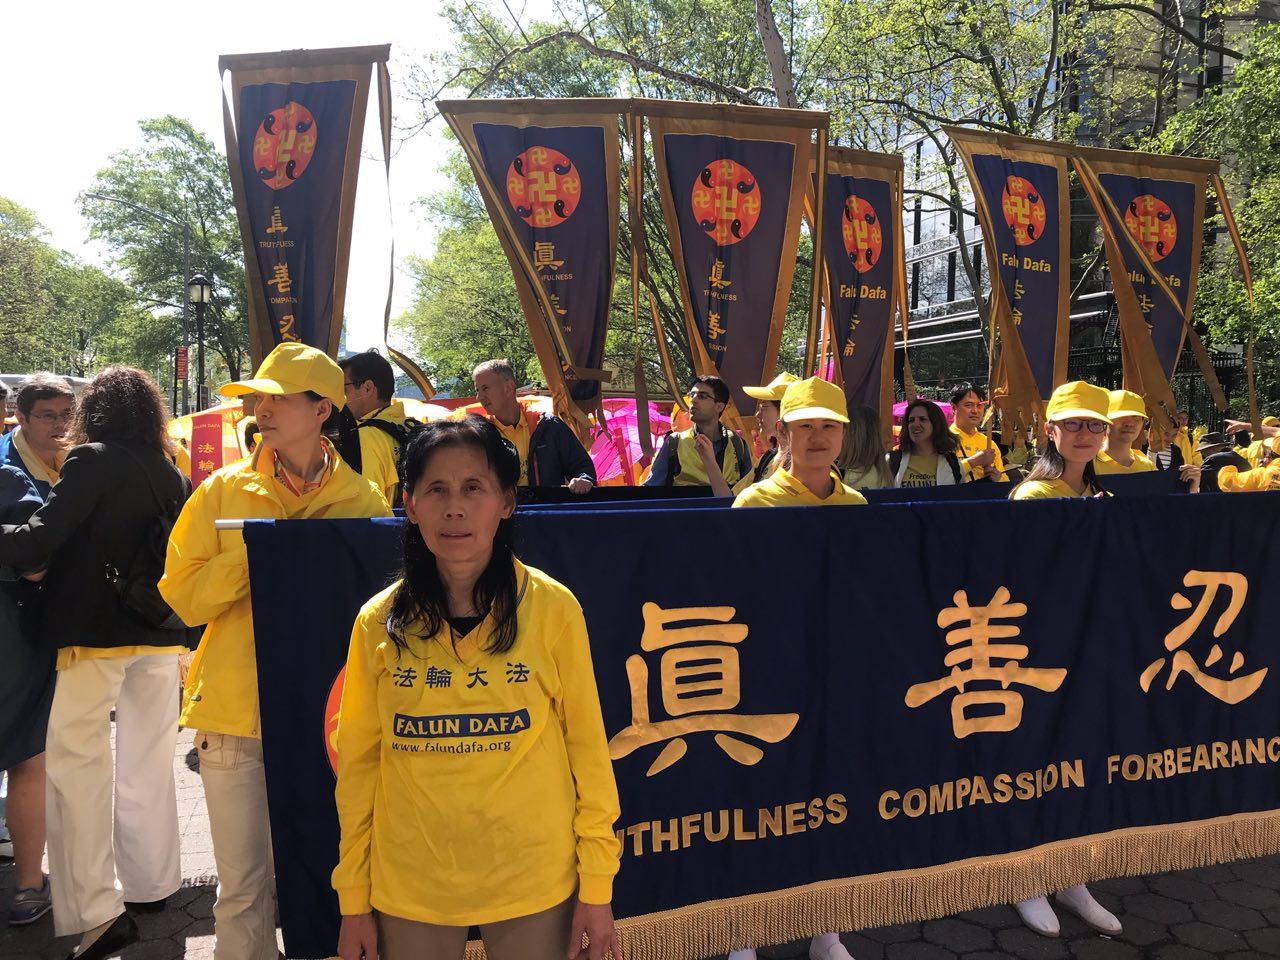 2019年5月16日,旅美大法弟子朱萍在紐約「慶祝世界法輪大法日」大遊行中,在「真善忍」條幅前留影。(李桂秀/大紀元)